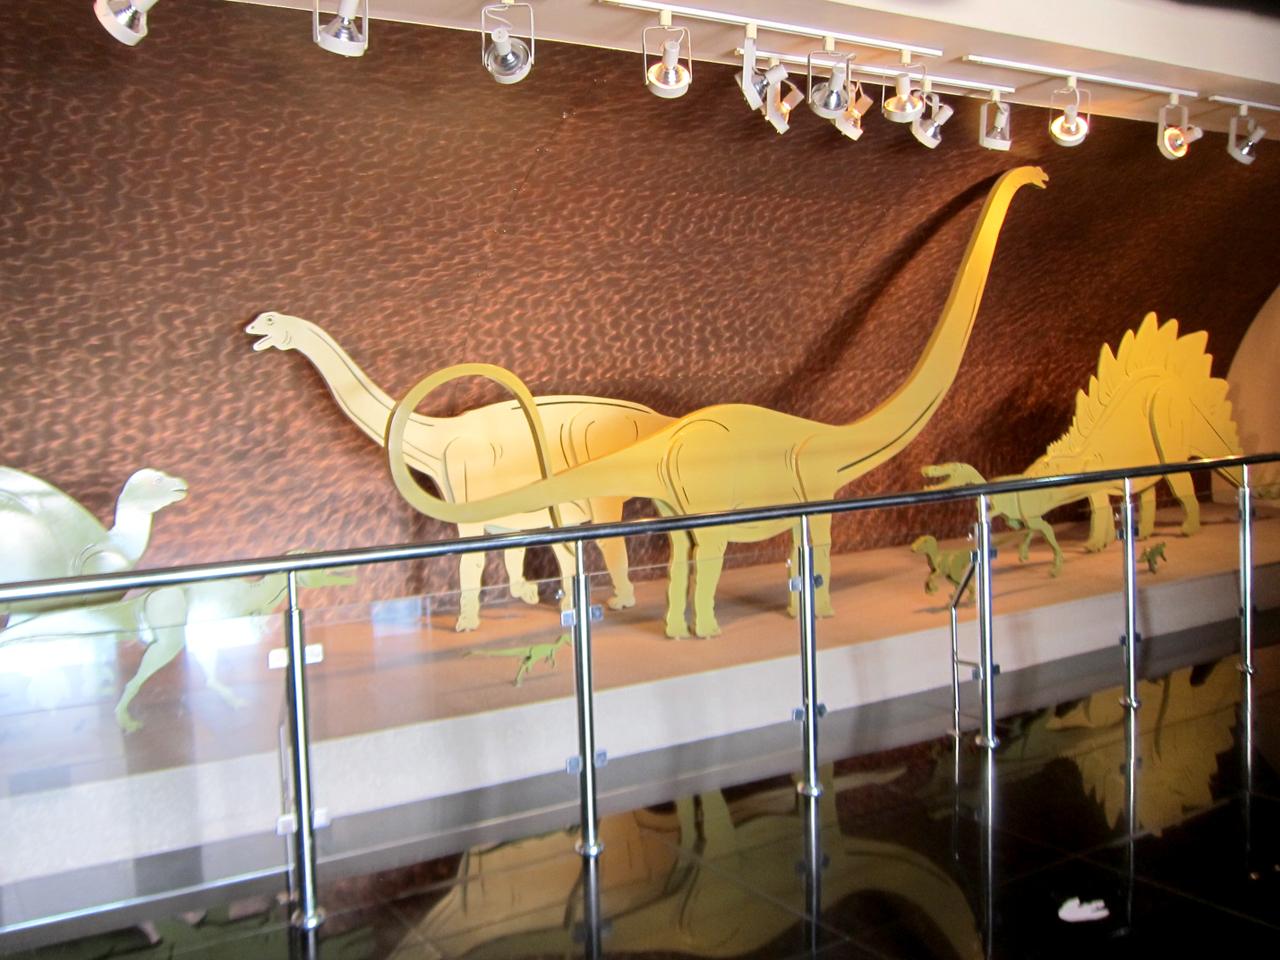 พิพิธภัณฑ์ไดโนเสาร์